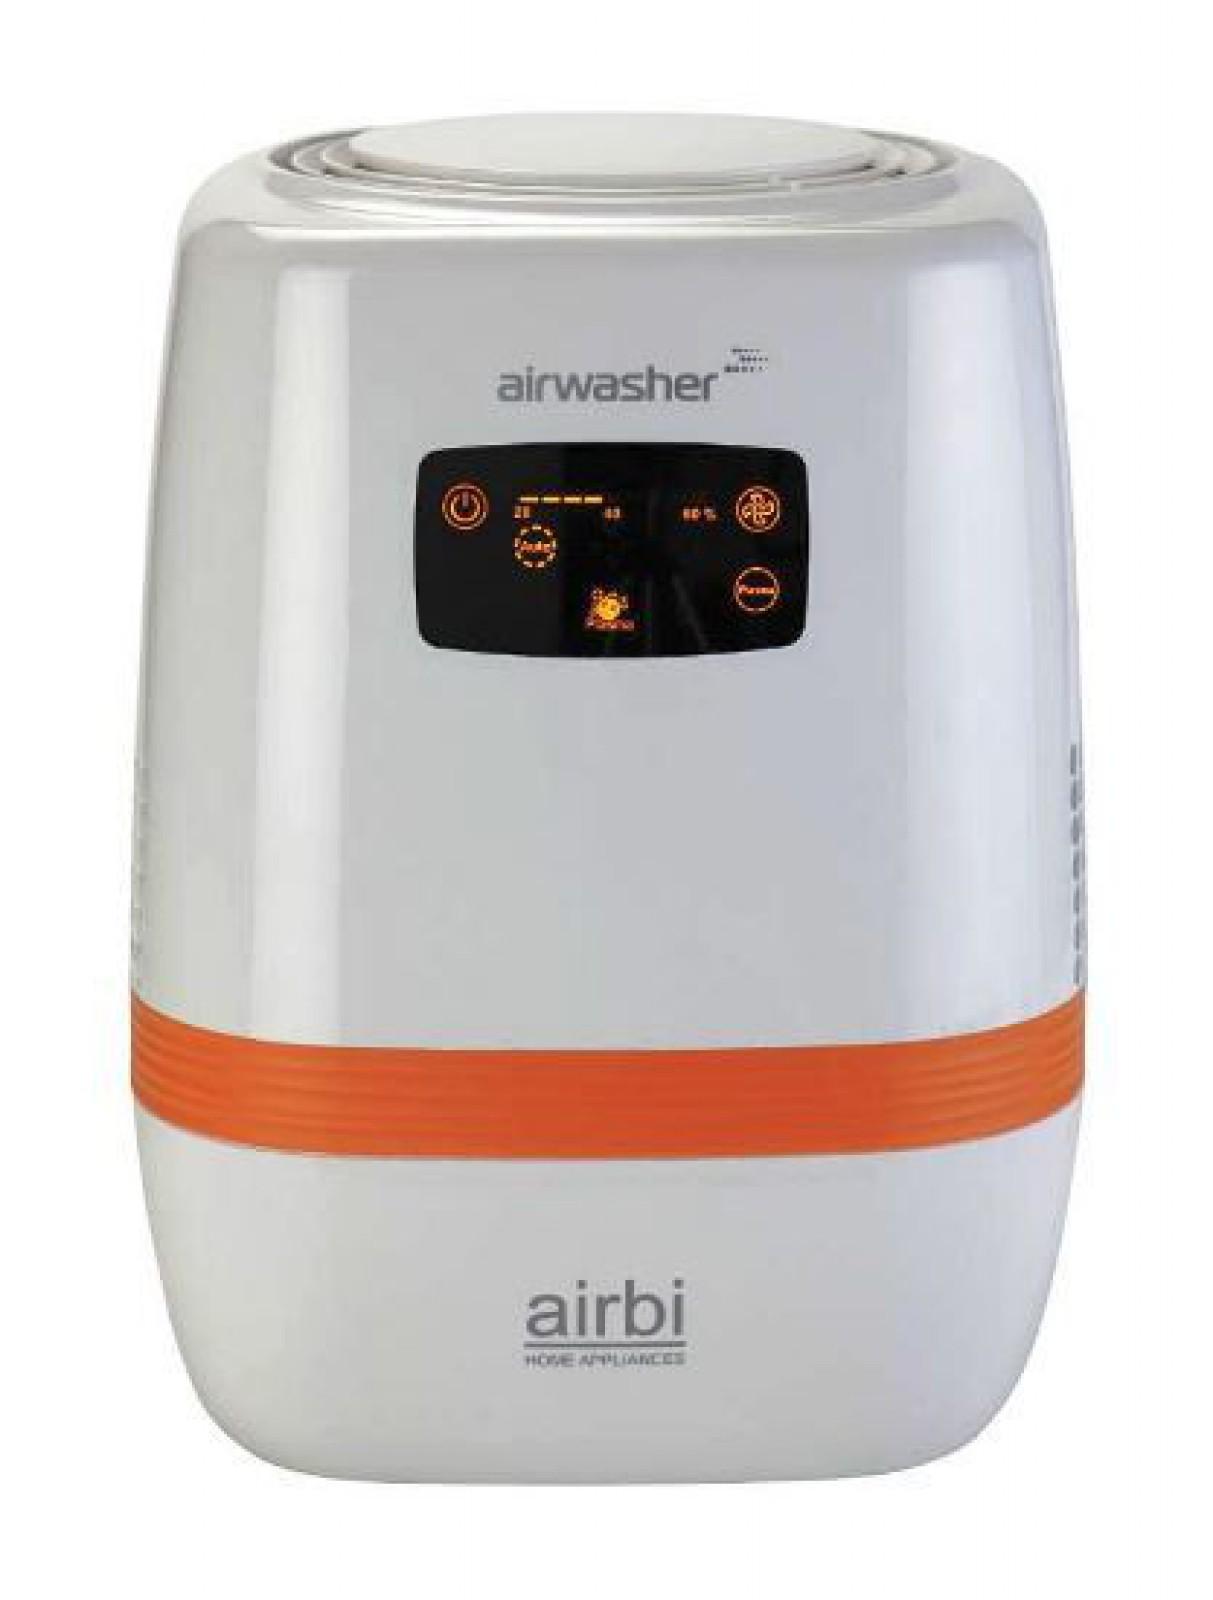 Airbi Airwasher légmosó készülék